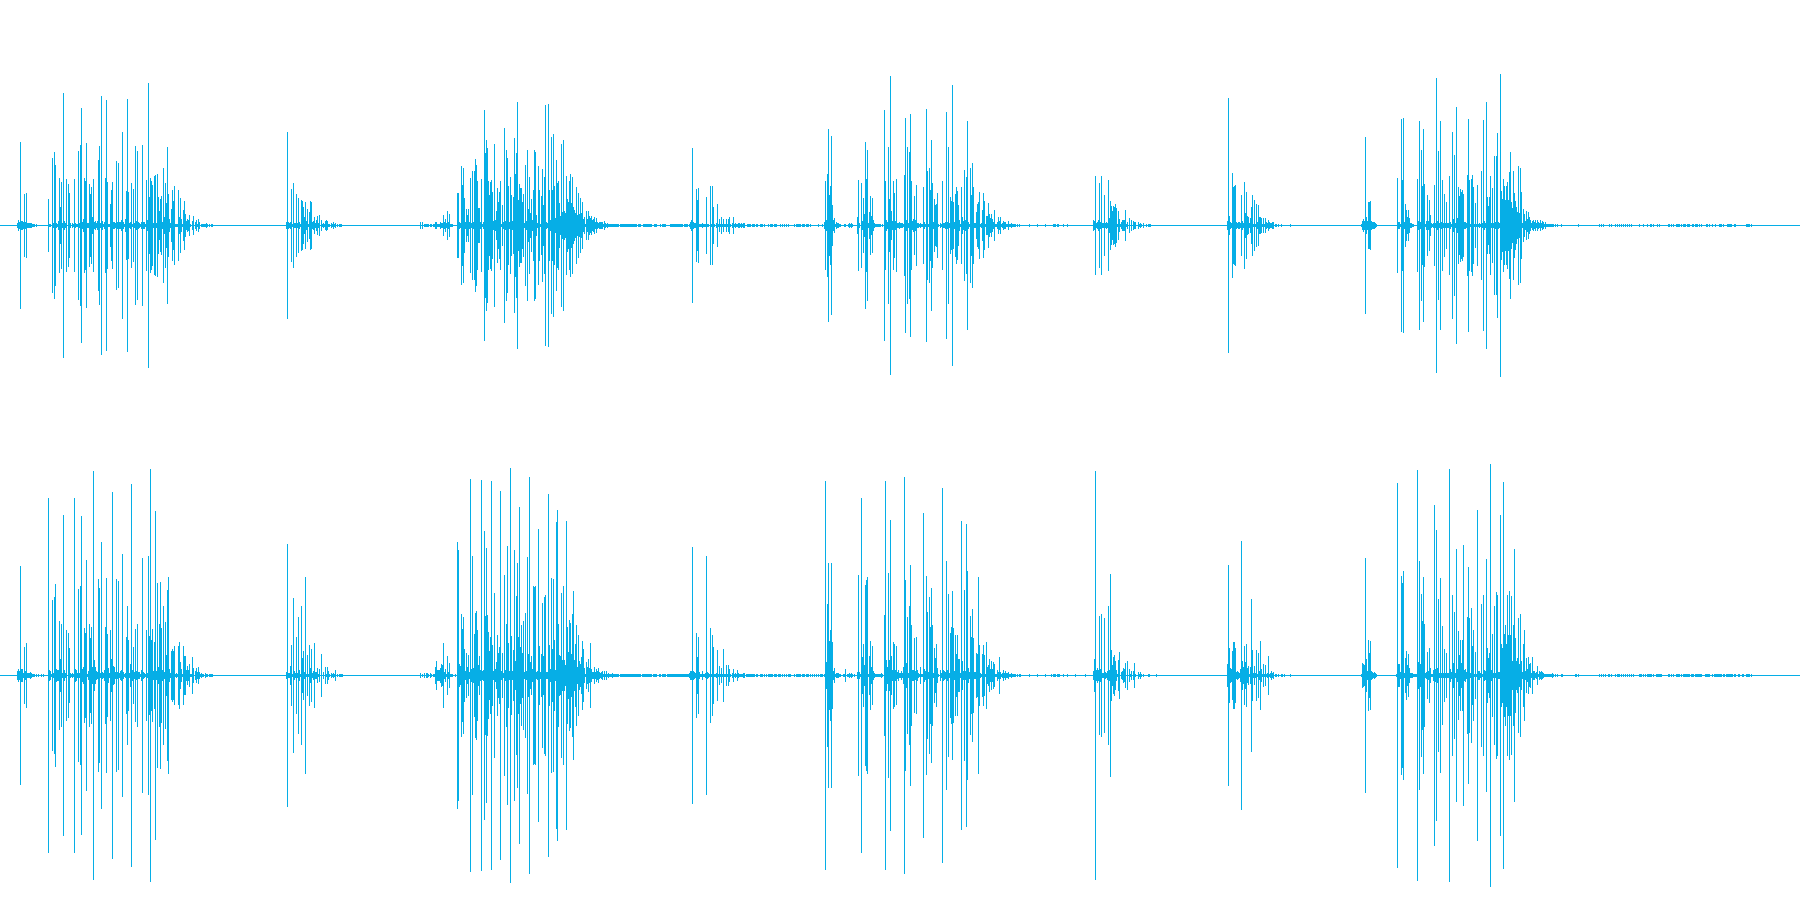 ノイズ 単純なクラックルシーケンス02の再生済みの波形